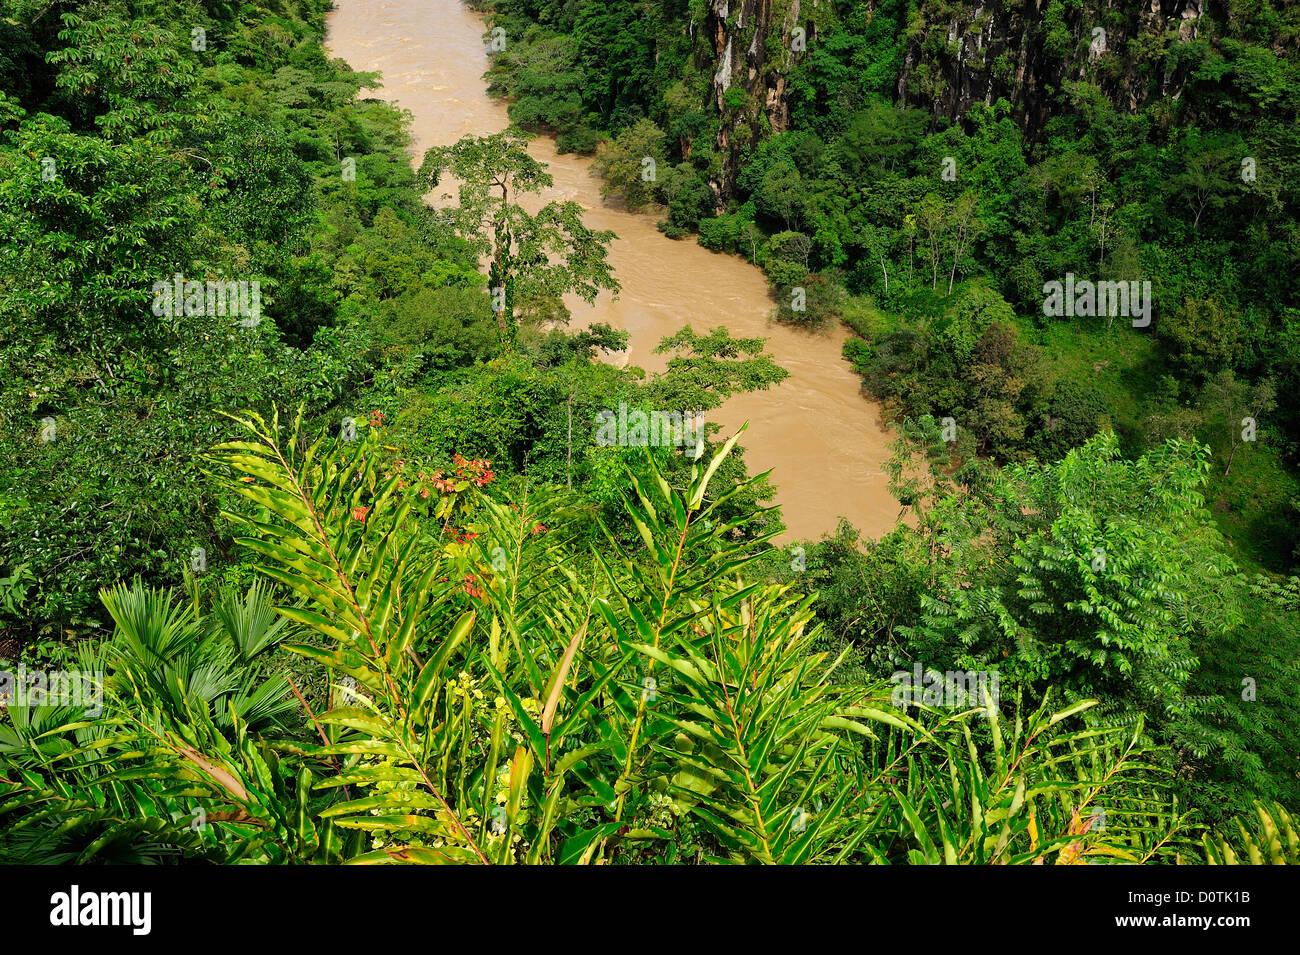 Canyon, green, lush, River, flooding, tropical, Rio Cauca